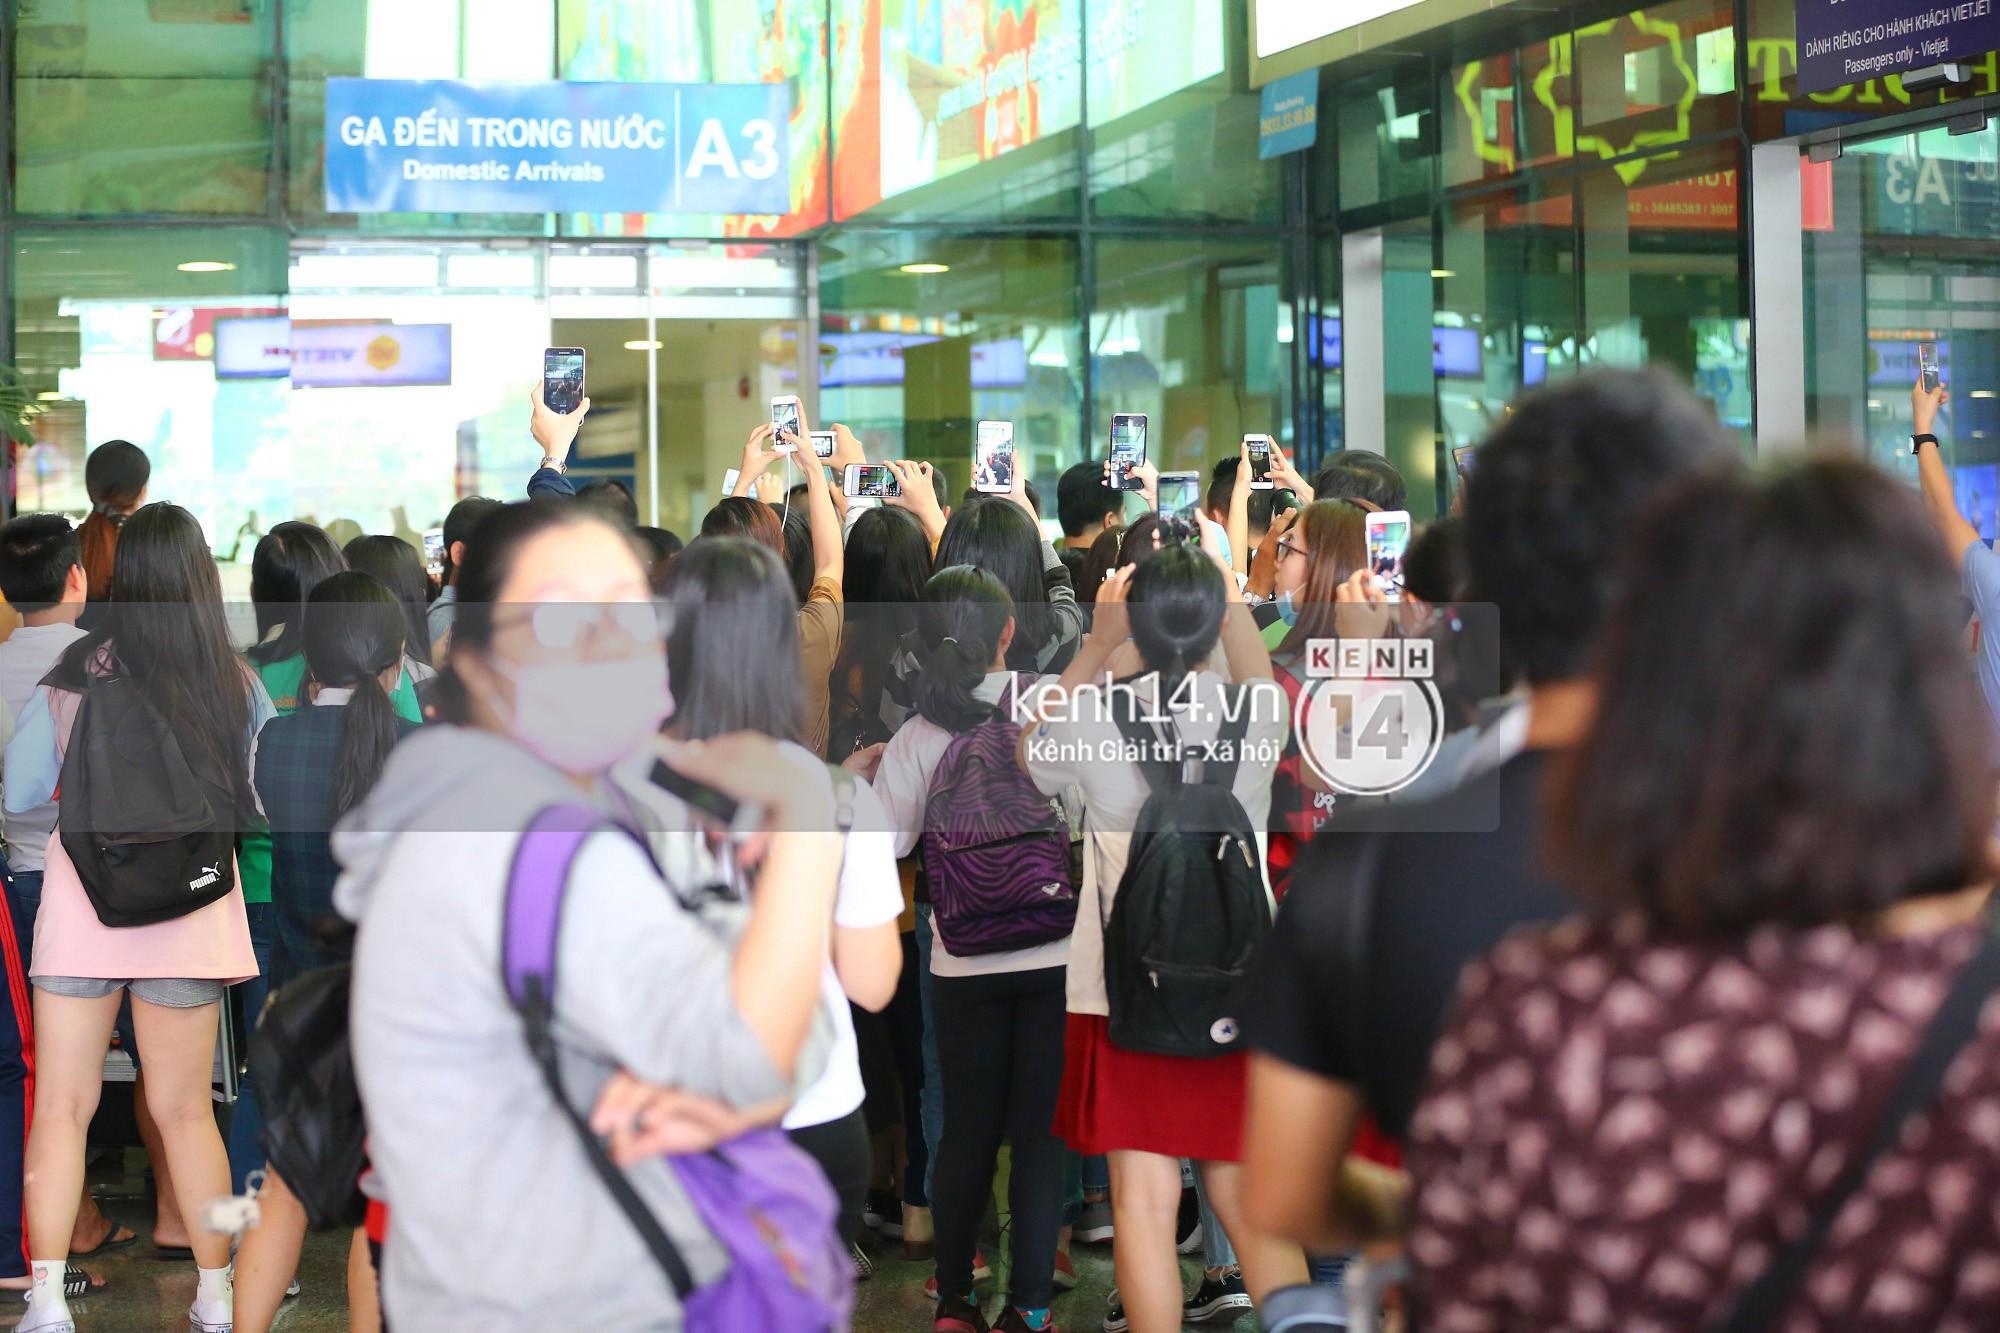 Đám đông vây quanh U23 chẳng khác nào sự kiện đón sao Hàn.